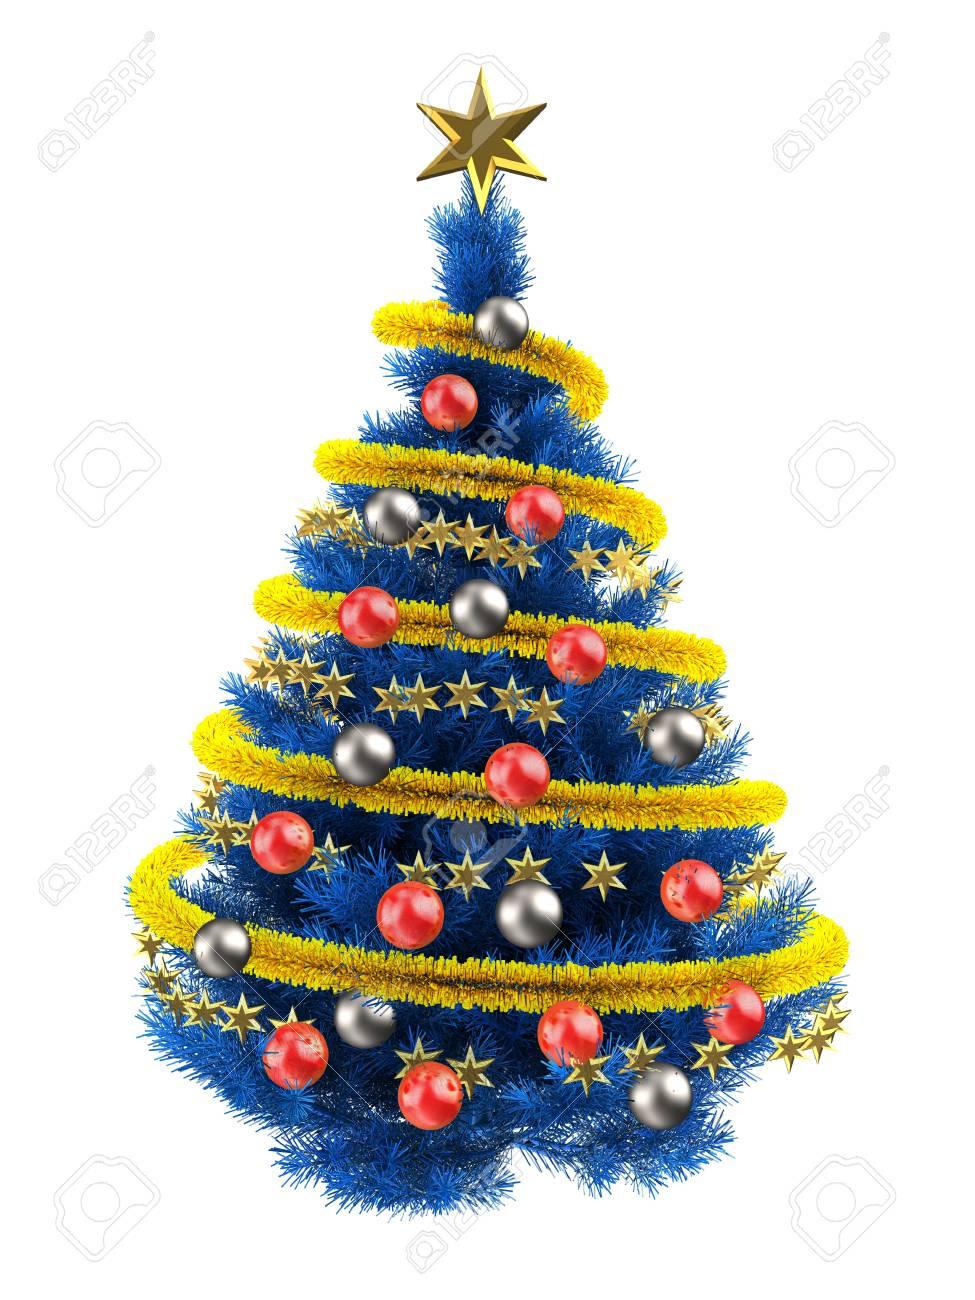 Albero Di Natale Bianco.3d Illustrazione Di Albero Di Natale Blu Su Bianco Con Palle Rosse E Frippery